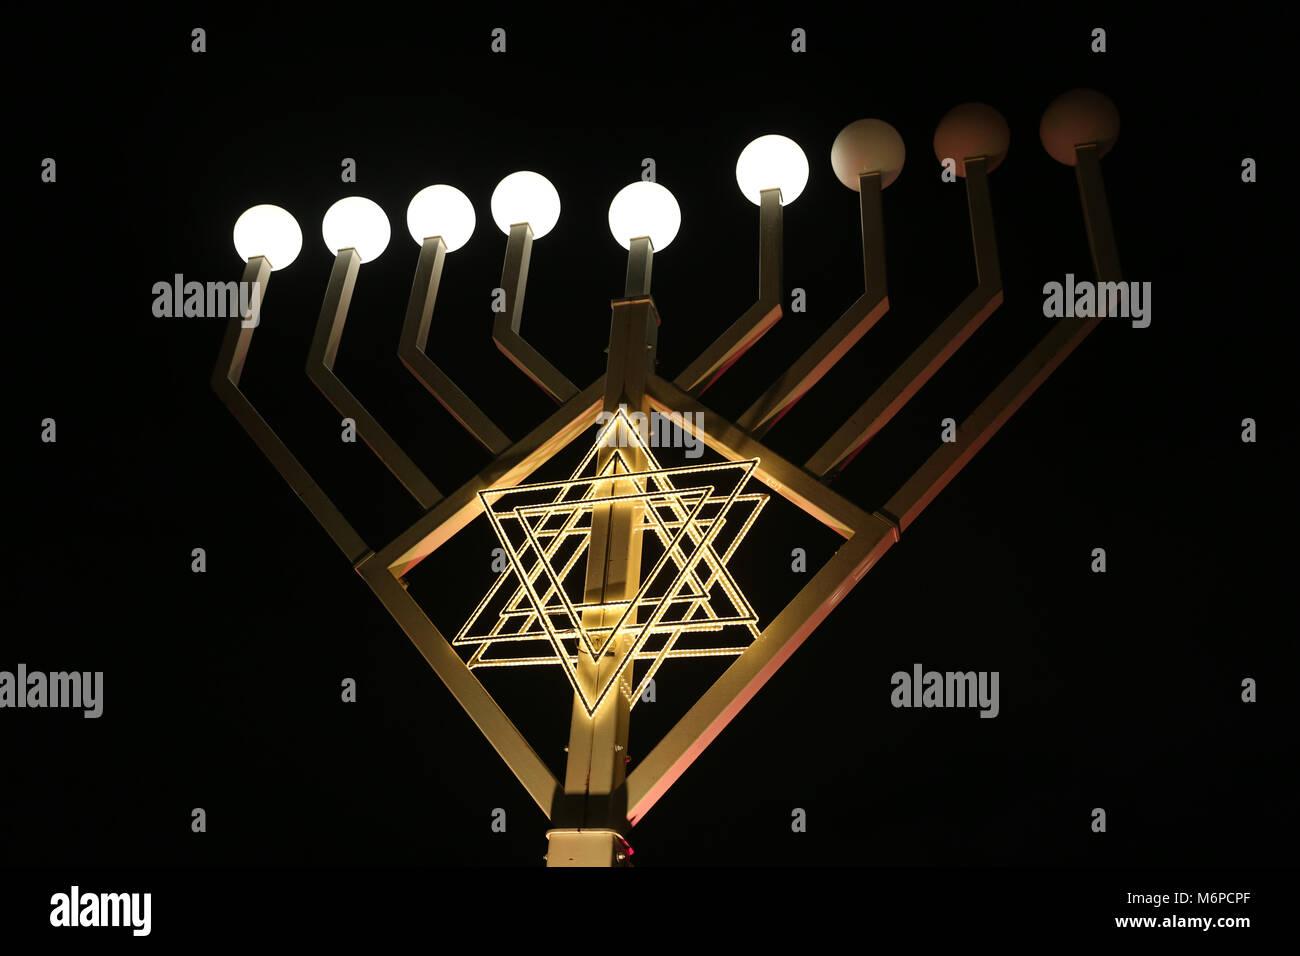 A Hanukkiah, A Menorah with nine branches - Stock Image